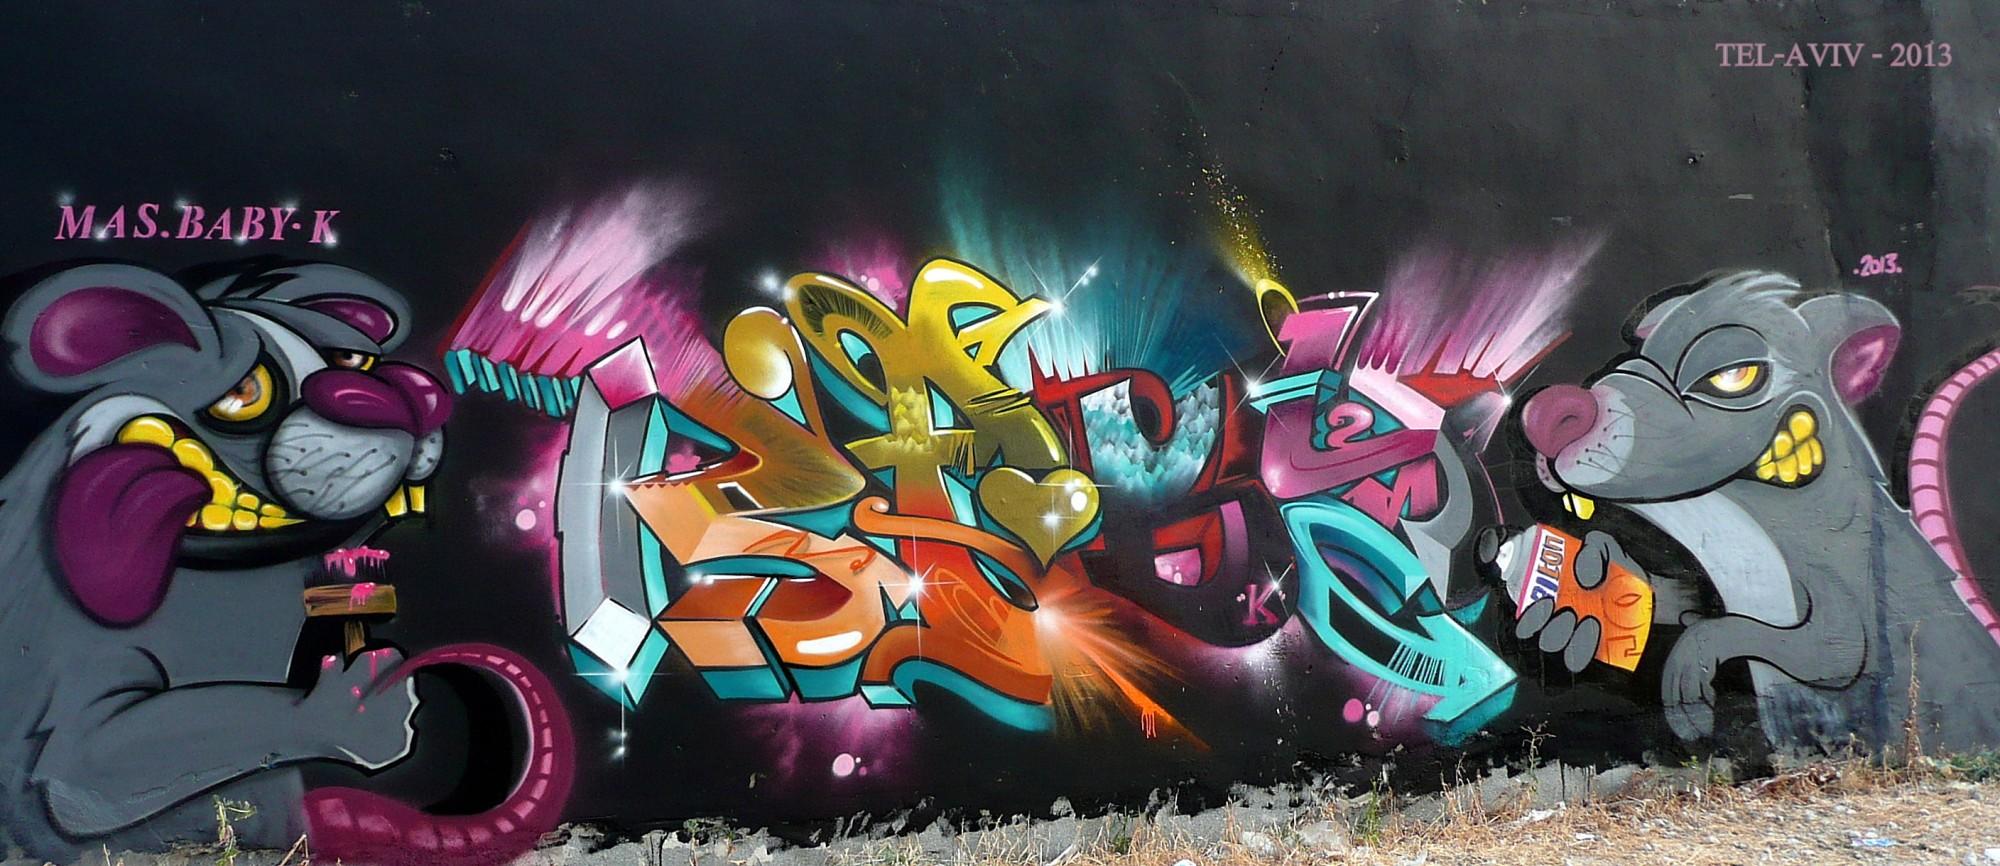 Tel Aviv 2013 Feat Mas